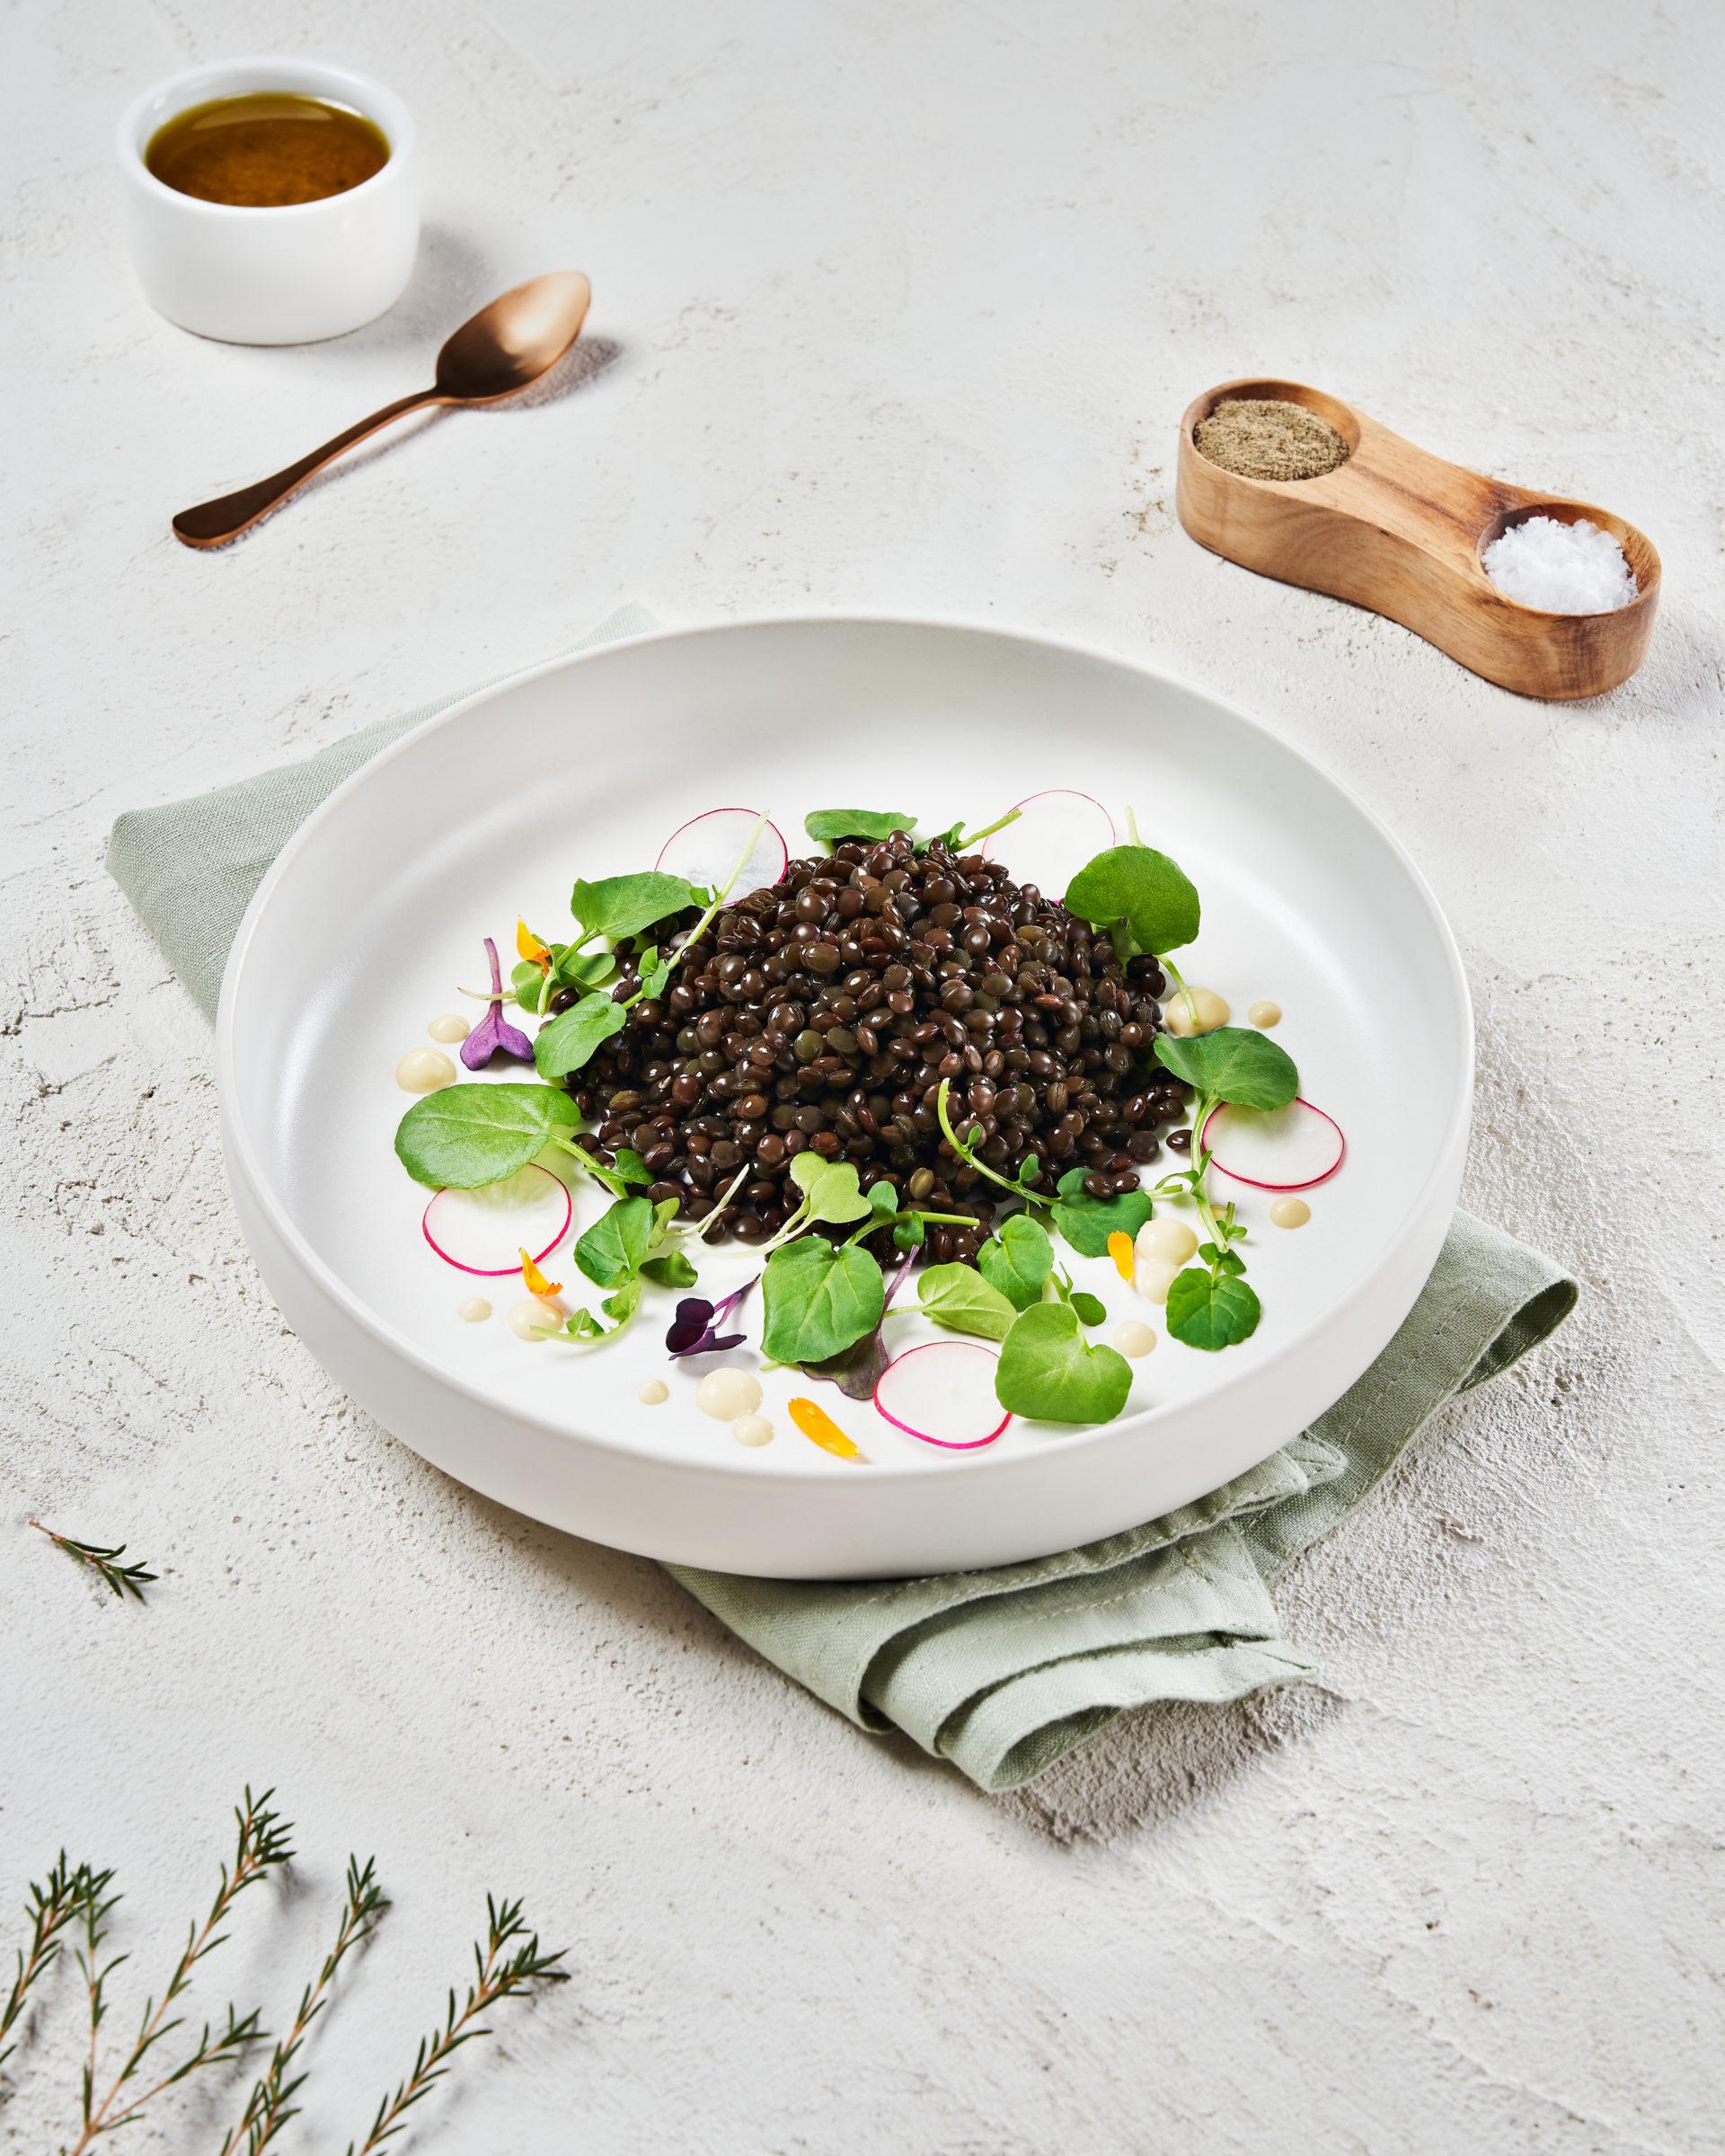 Home economist & food stylist Madrid Lentejas